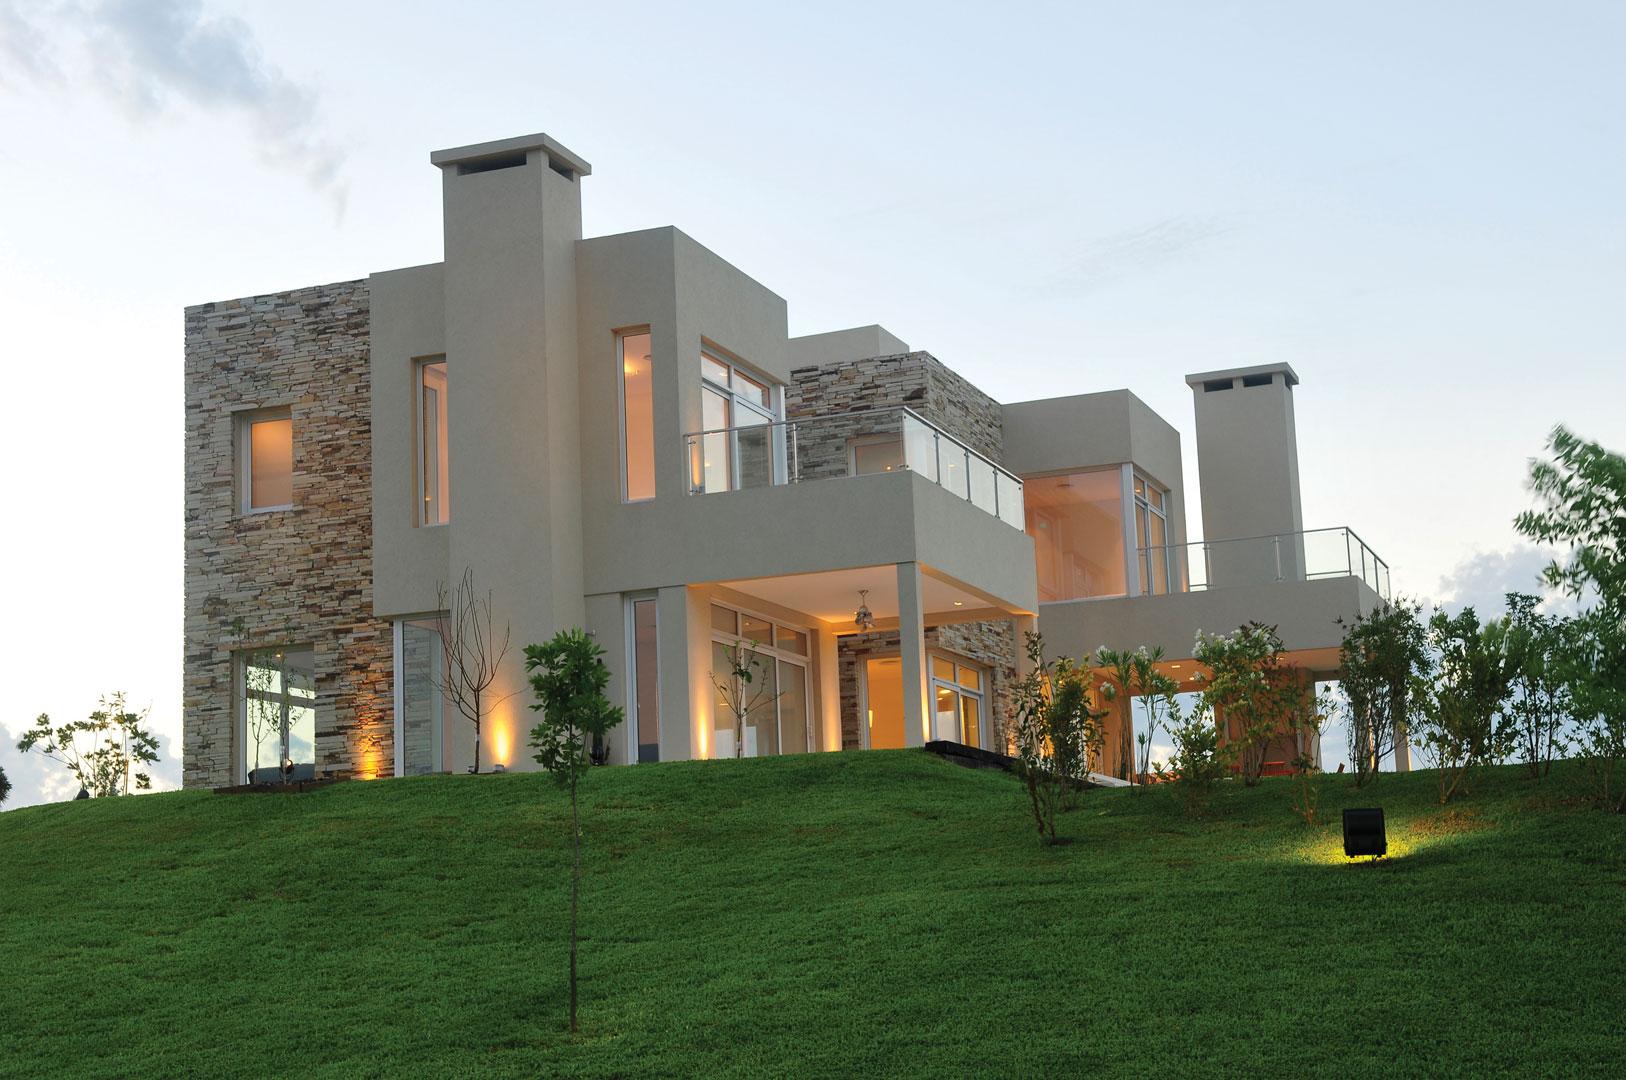 Estudio gore casa la aleteada estilo moderno portal de - Estudio de arquitectos ...